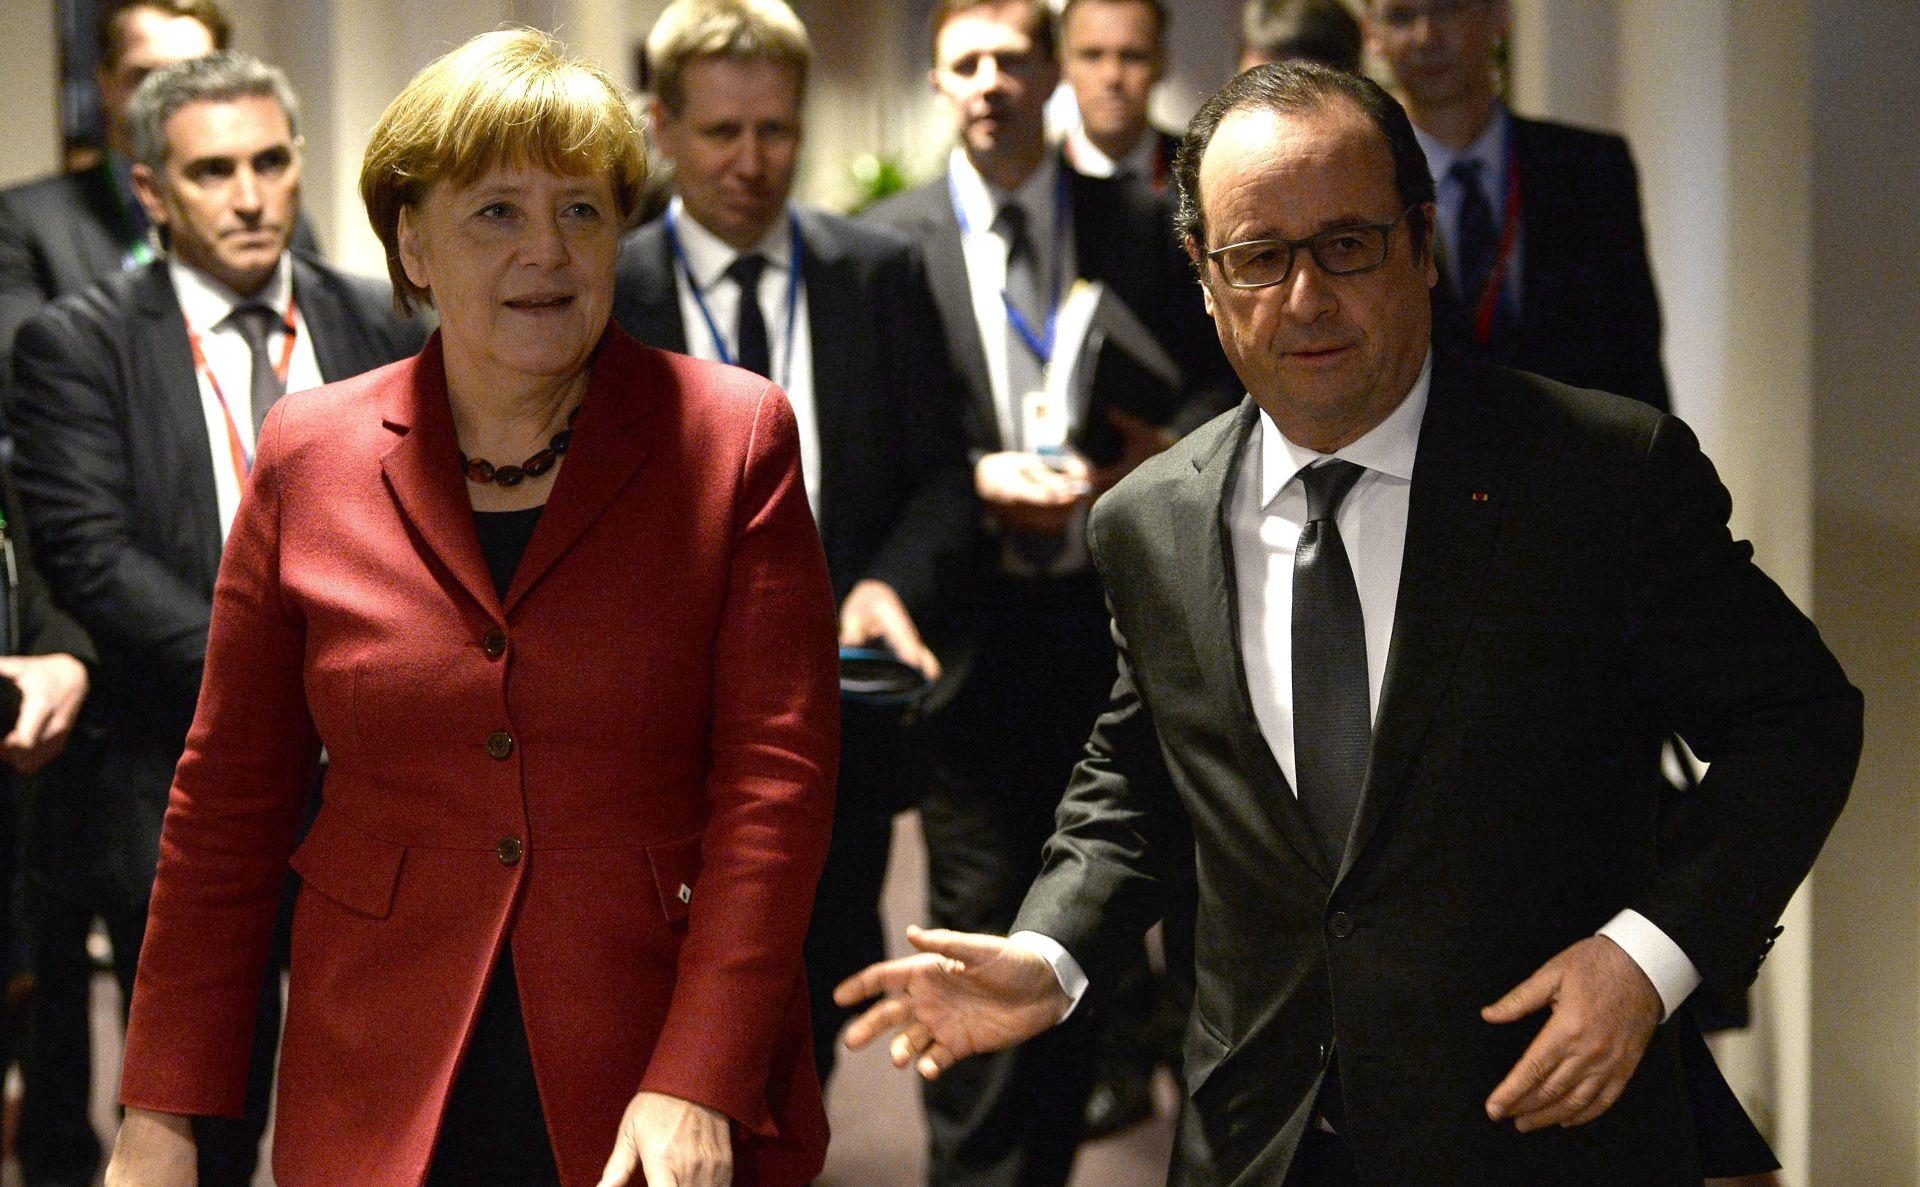 Hollande i Merkel razgovarat će o izbjegličkoj krizi i terorizmu